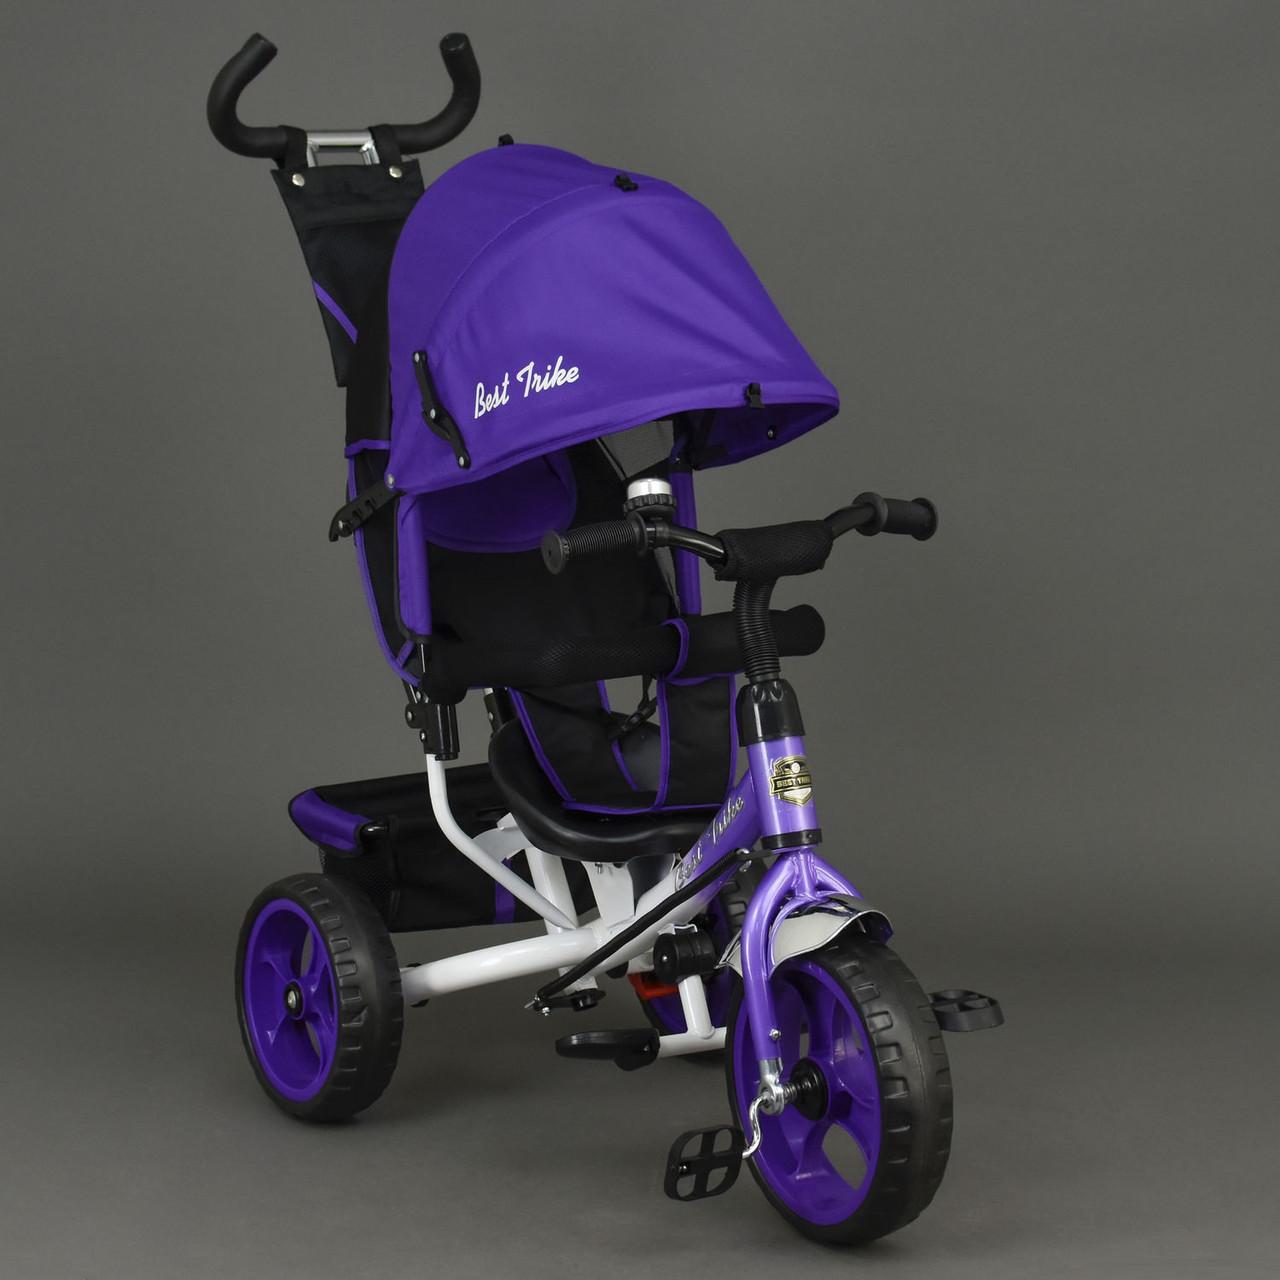 Детский трехколесный велосипед Best Trike 6570 фиолетовый (колеса пена